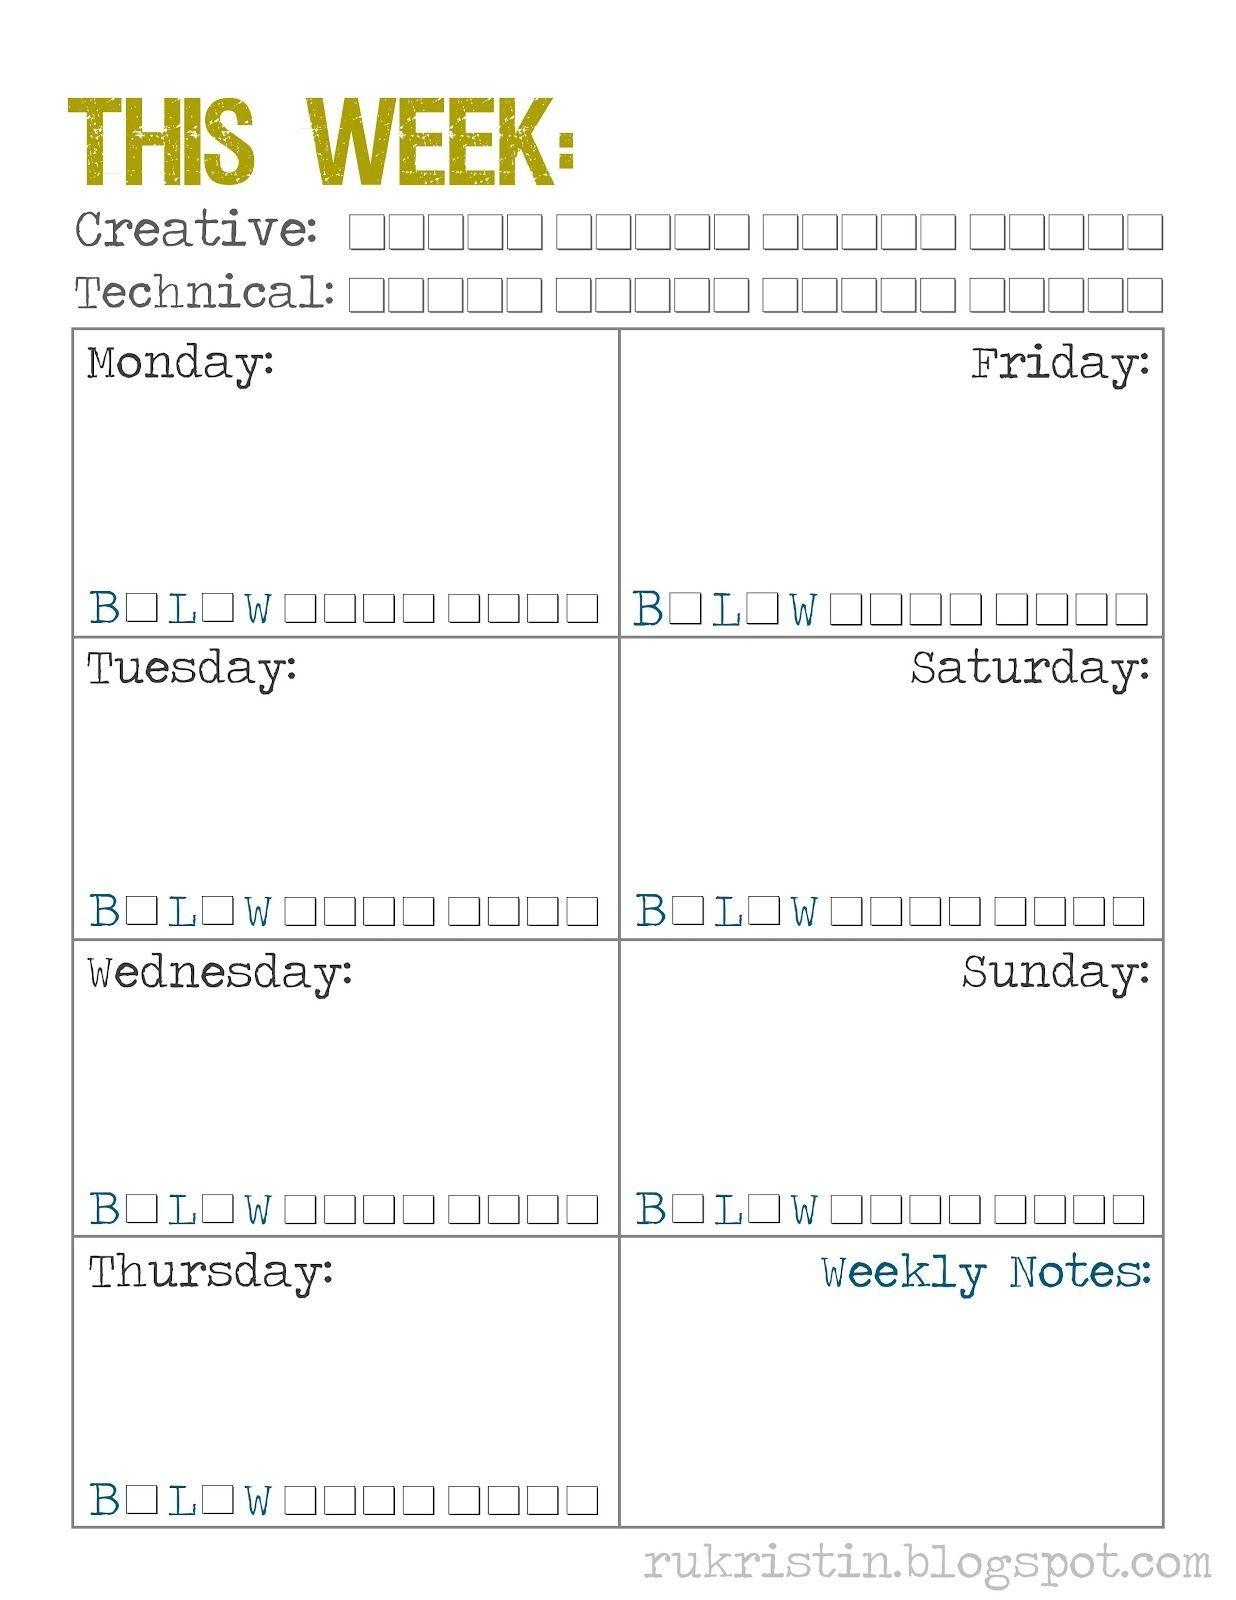 Weekly Calendar Template | Weekly Calendar Printable, Weekly